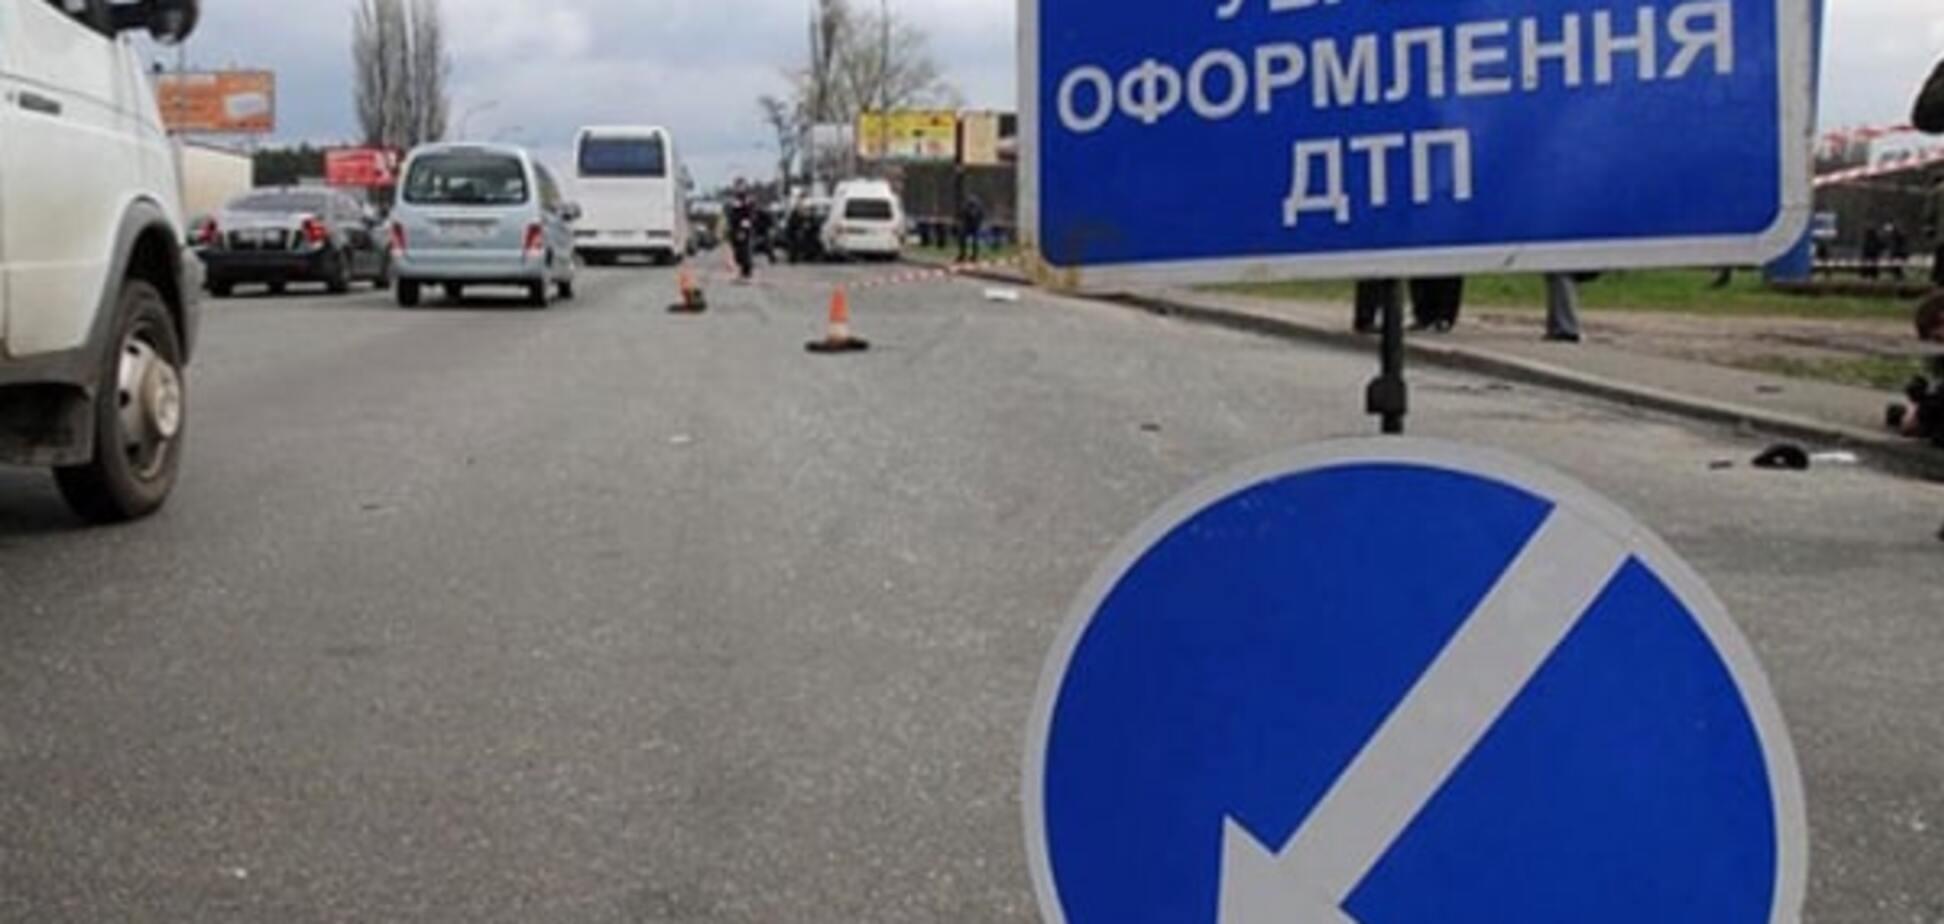 В Киеве инкассаторский автомобиль столкнулся с маршруткой, есть пострадавшие